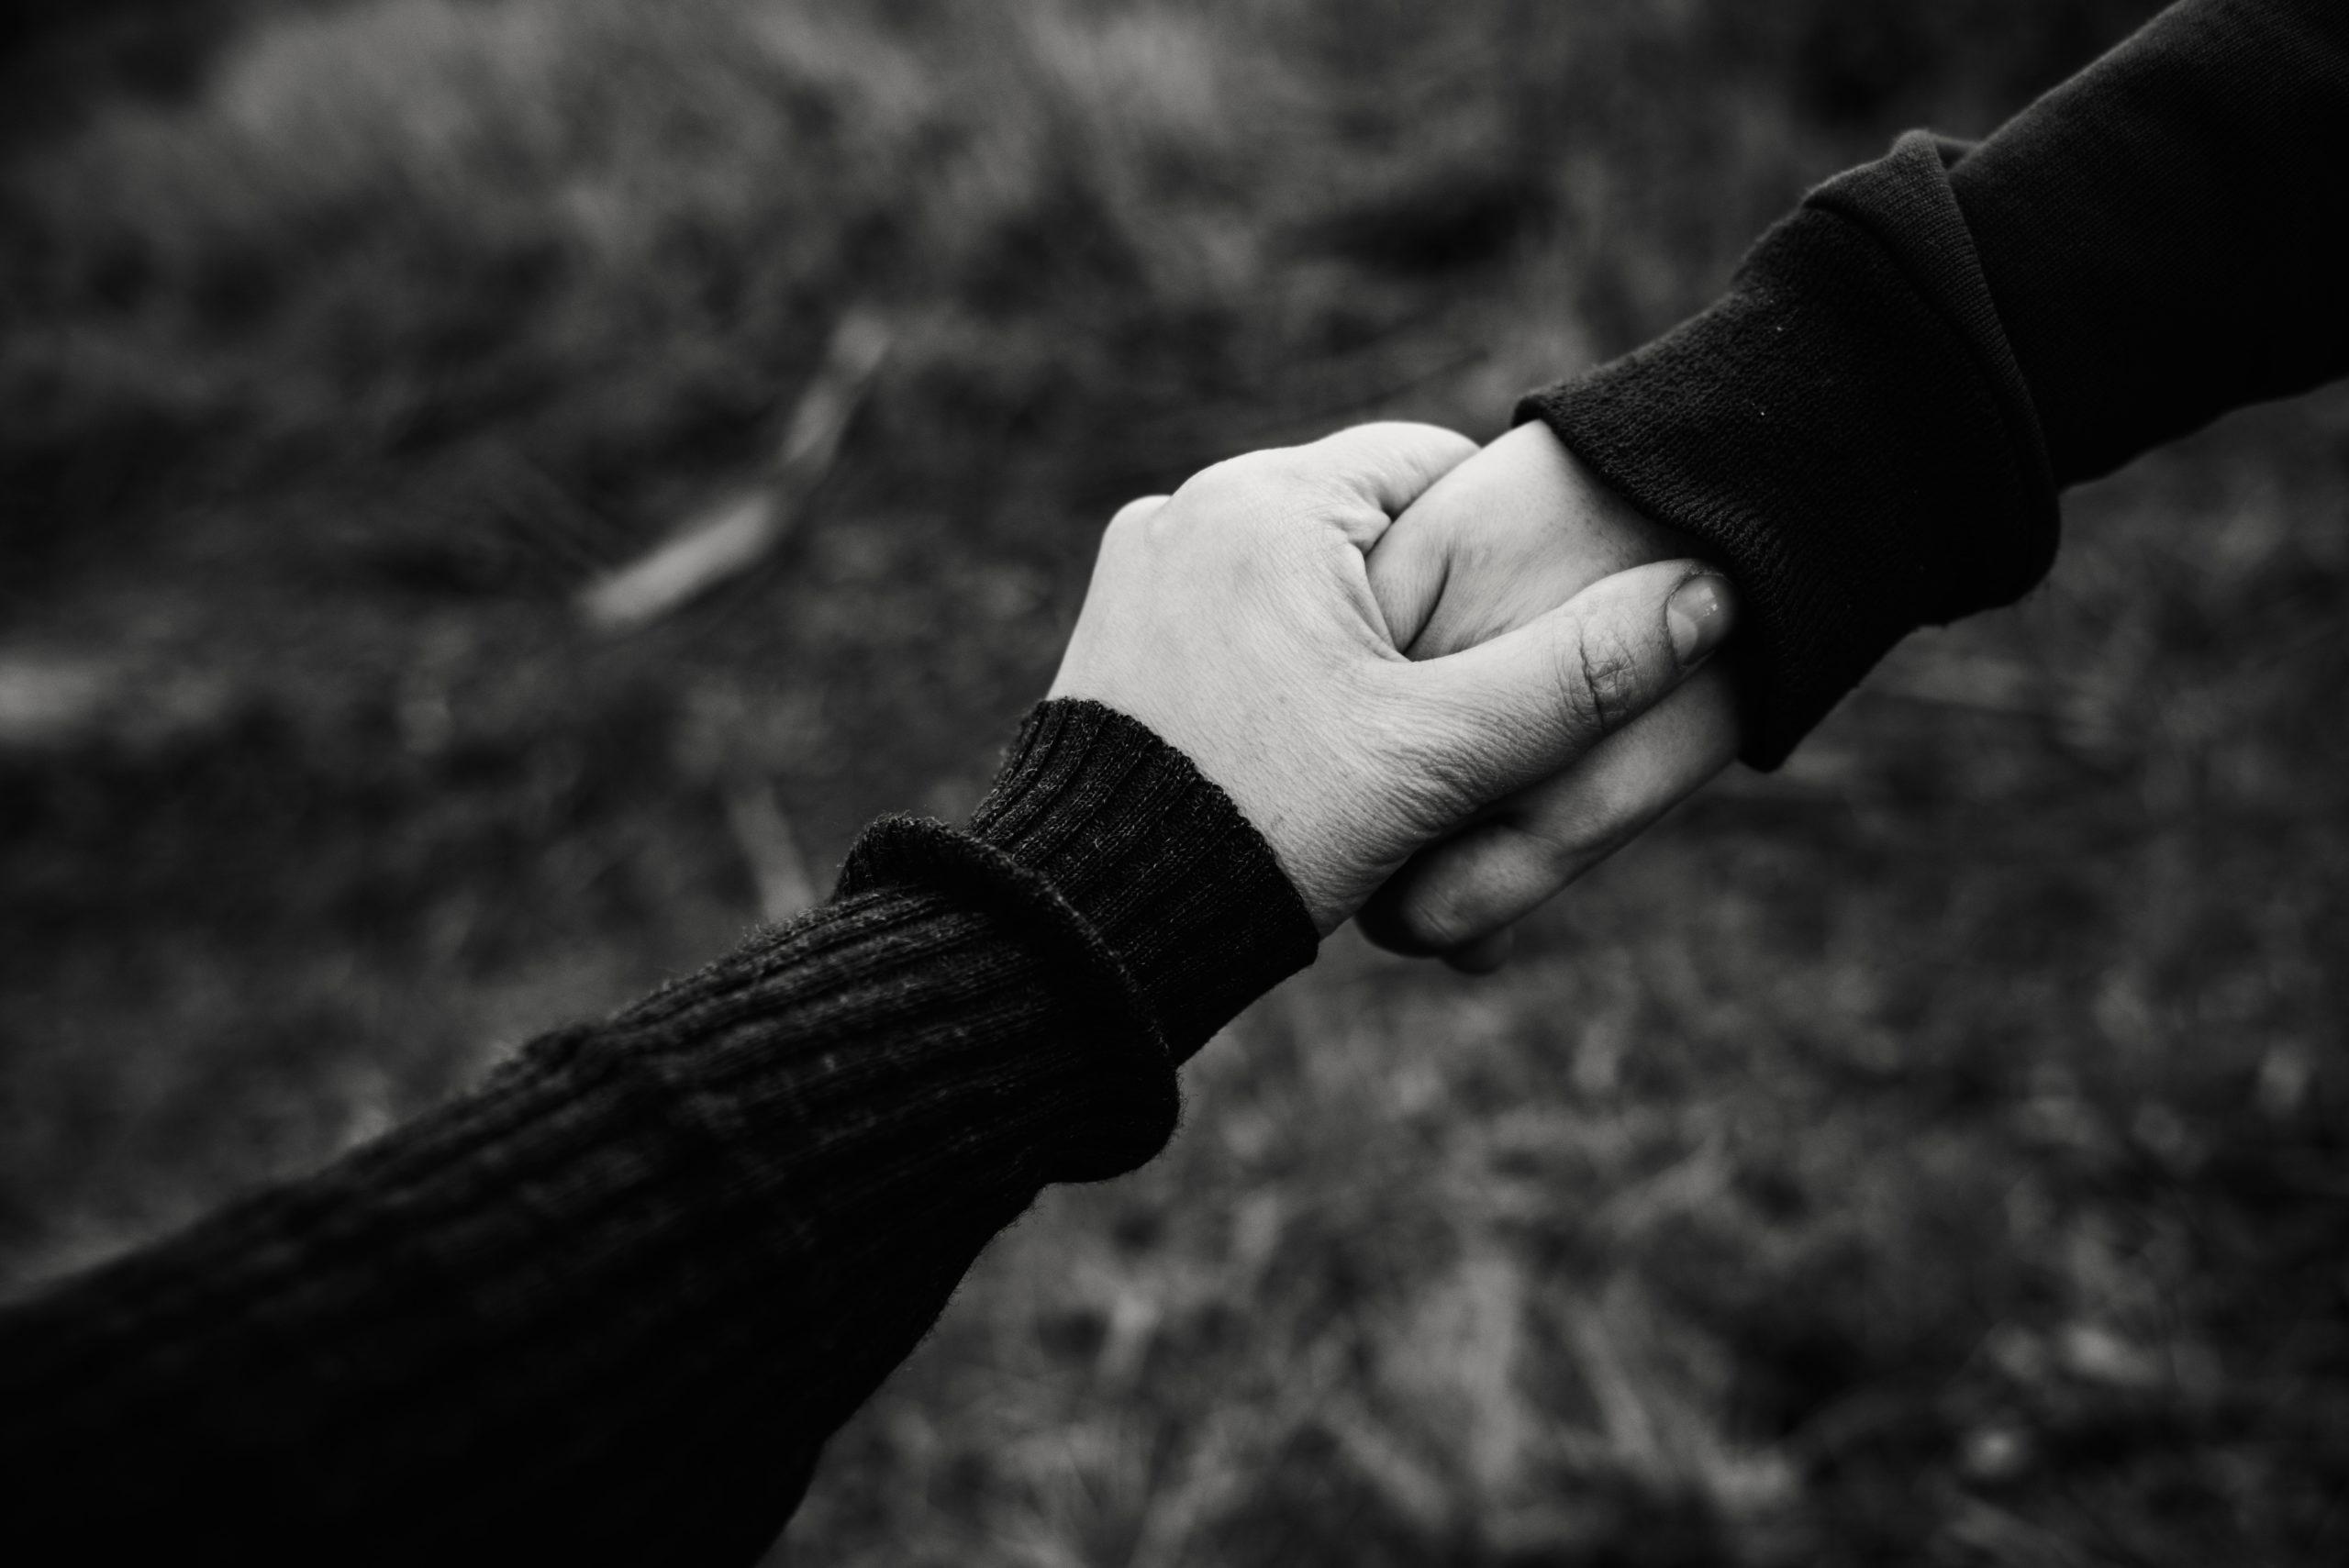 deux personnes se tenant par la main en soutien en noir et blanc -roco